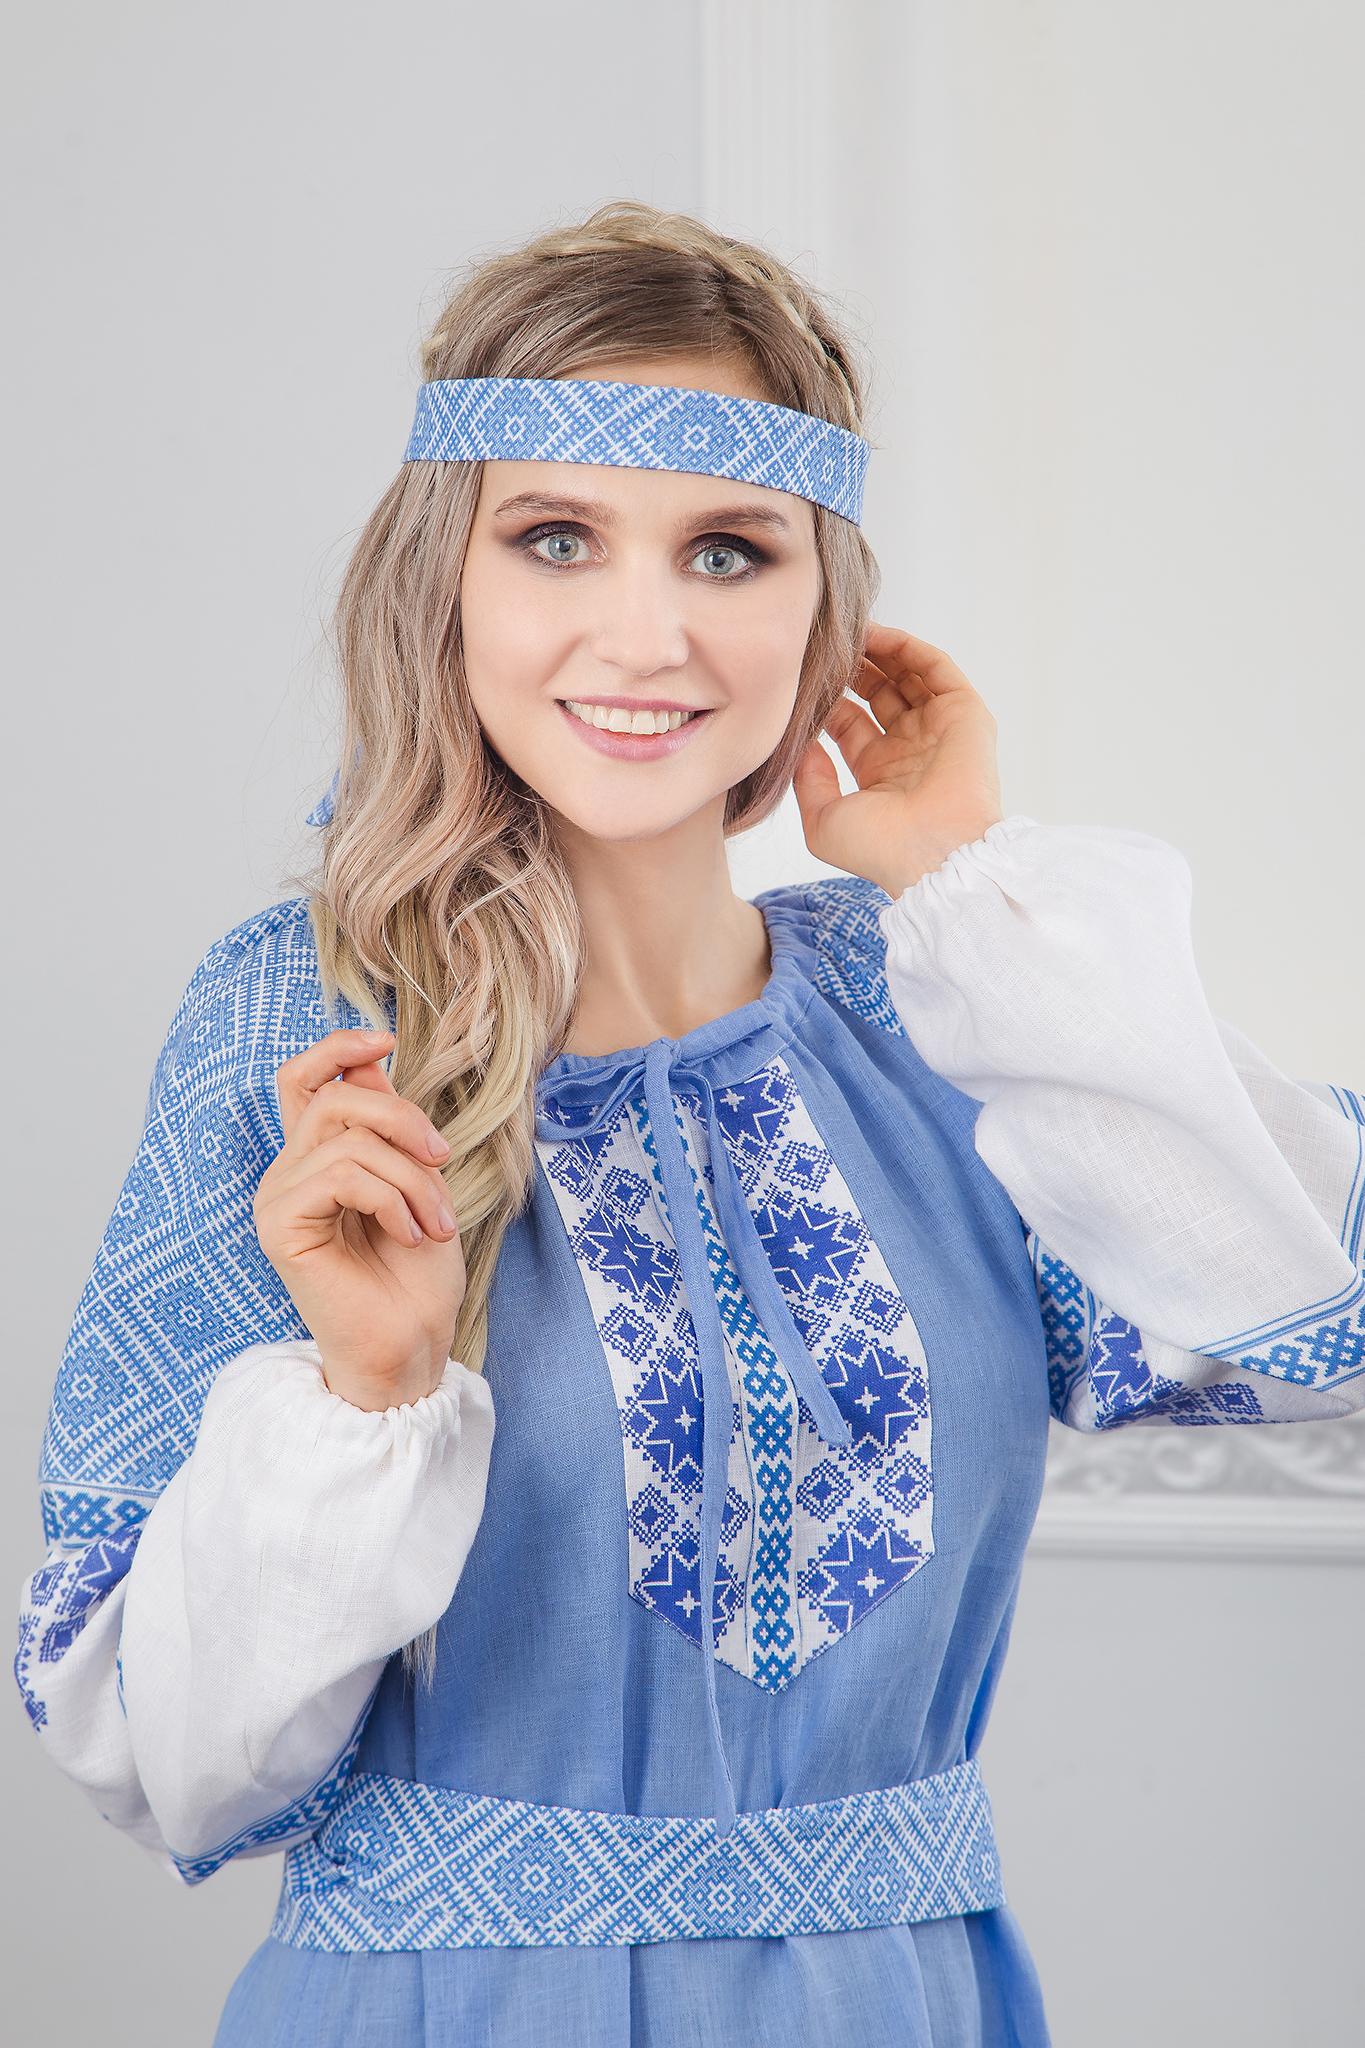 Платье Репейник счастья приближенный фрагмент